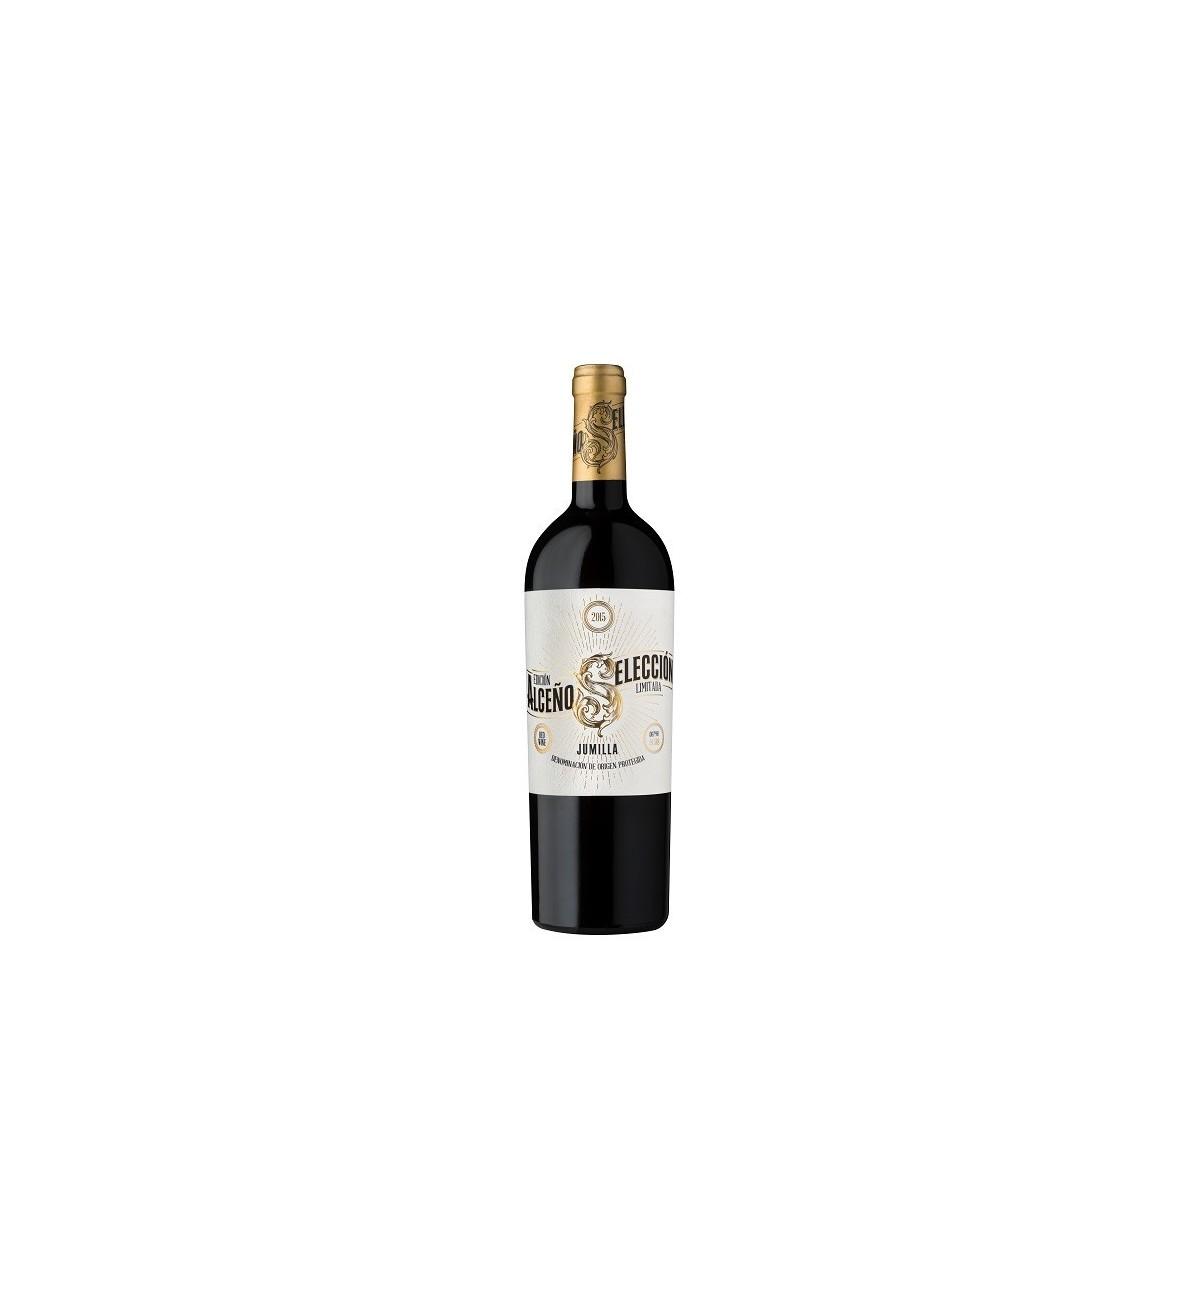 MV301 - Alceño Selección Edición Limitada 2015 Vino Tinto Jumilla, Monastrell, Syrah, Tempranillo, Garnacha Tintorera, MuchosVin